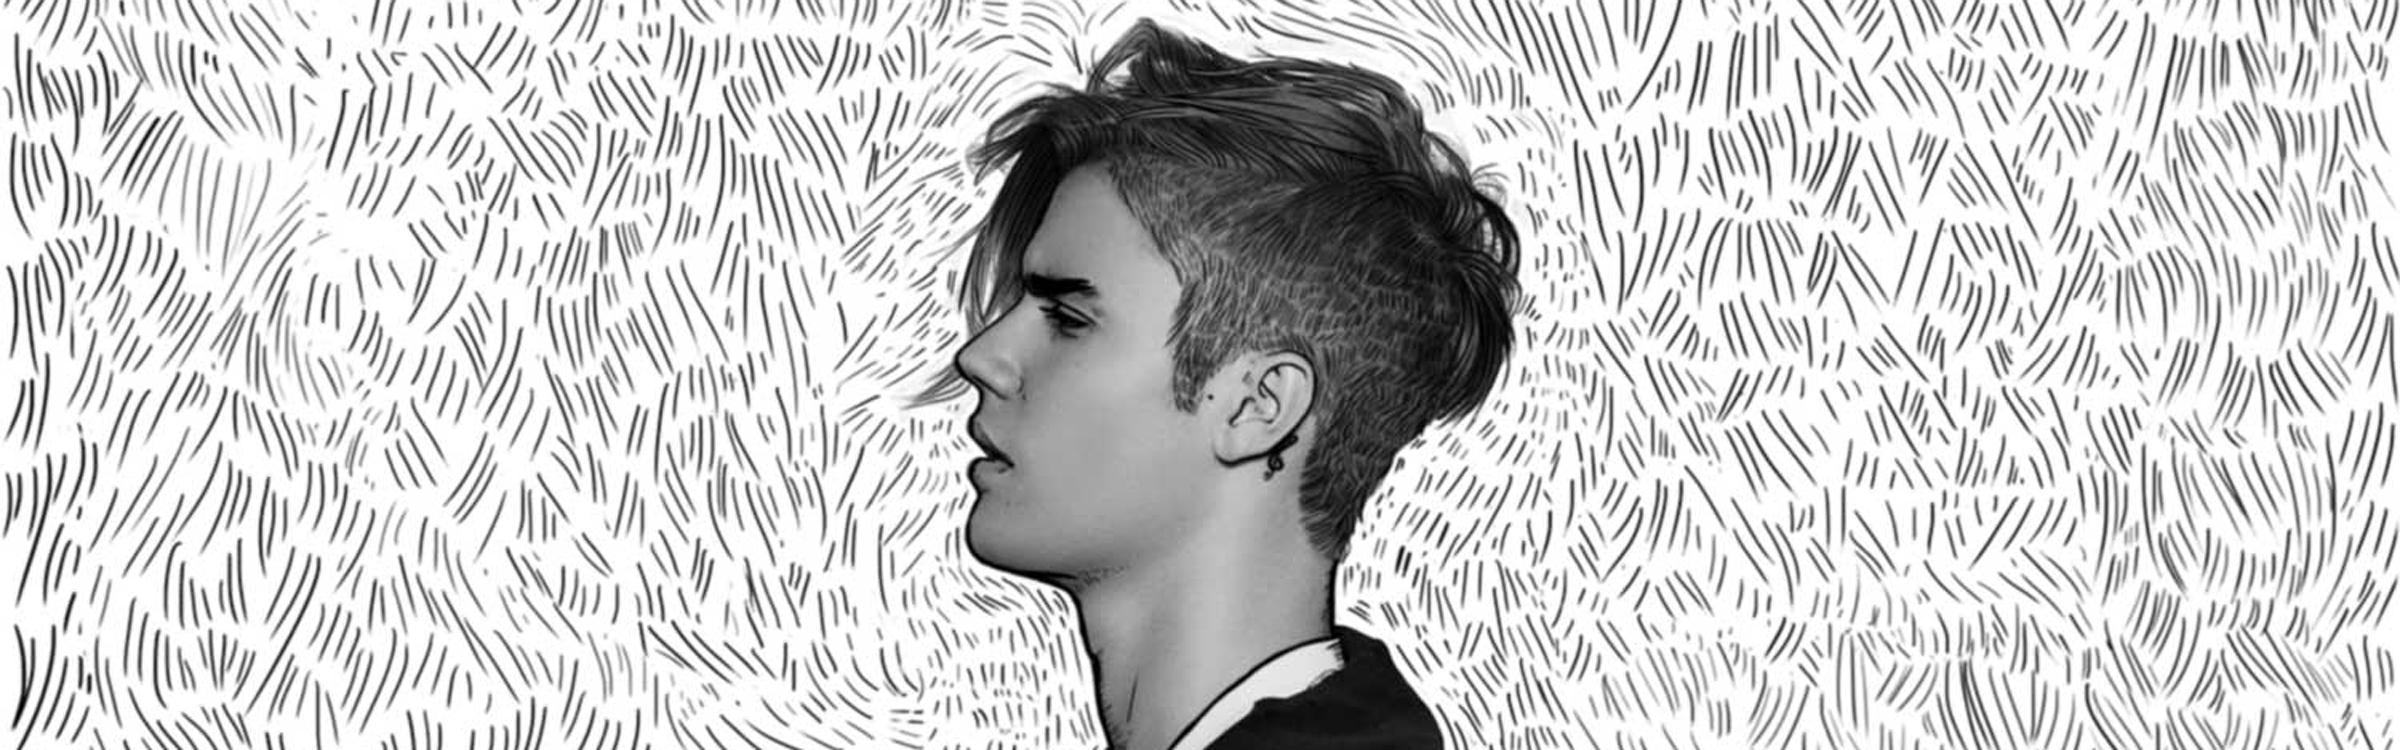 Justinbieberheader